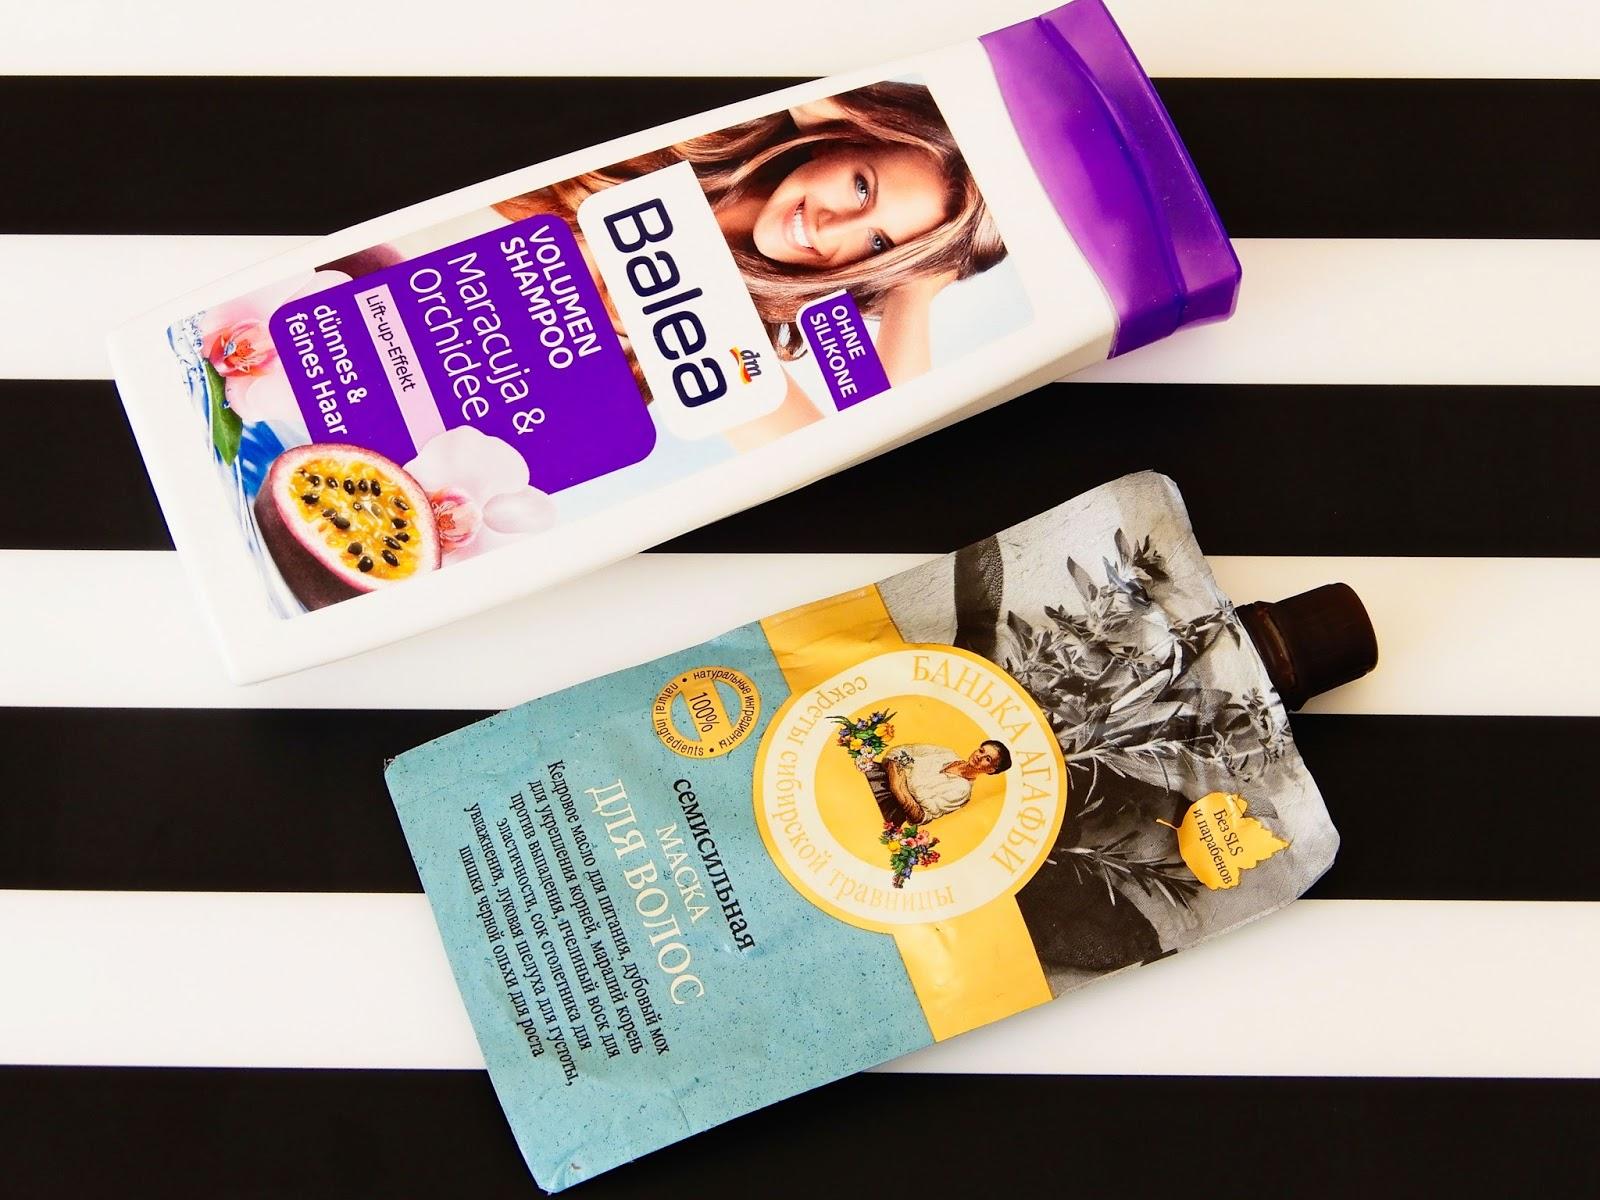 Balea Volumen Shampoo Maracuja & Orchidee, Maska do włosów Siedmiu Sił Maska nawilżająca i odżywiająca skórę głowy i włosy Bania Agafii, Babuszka Agafia,